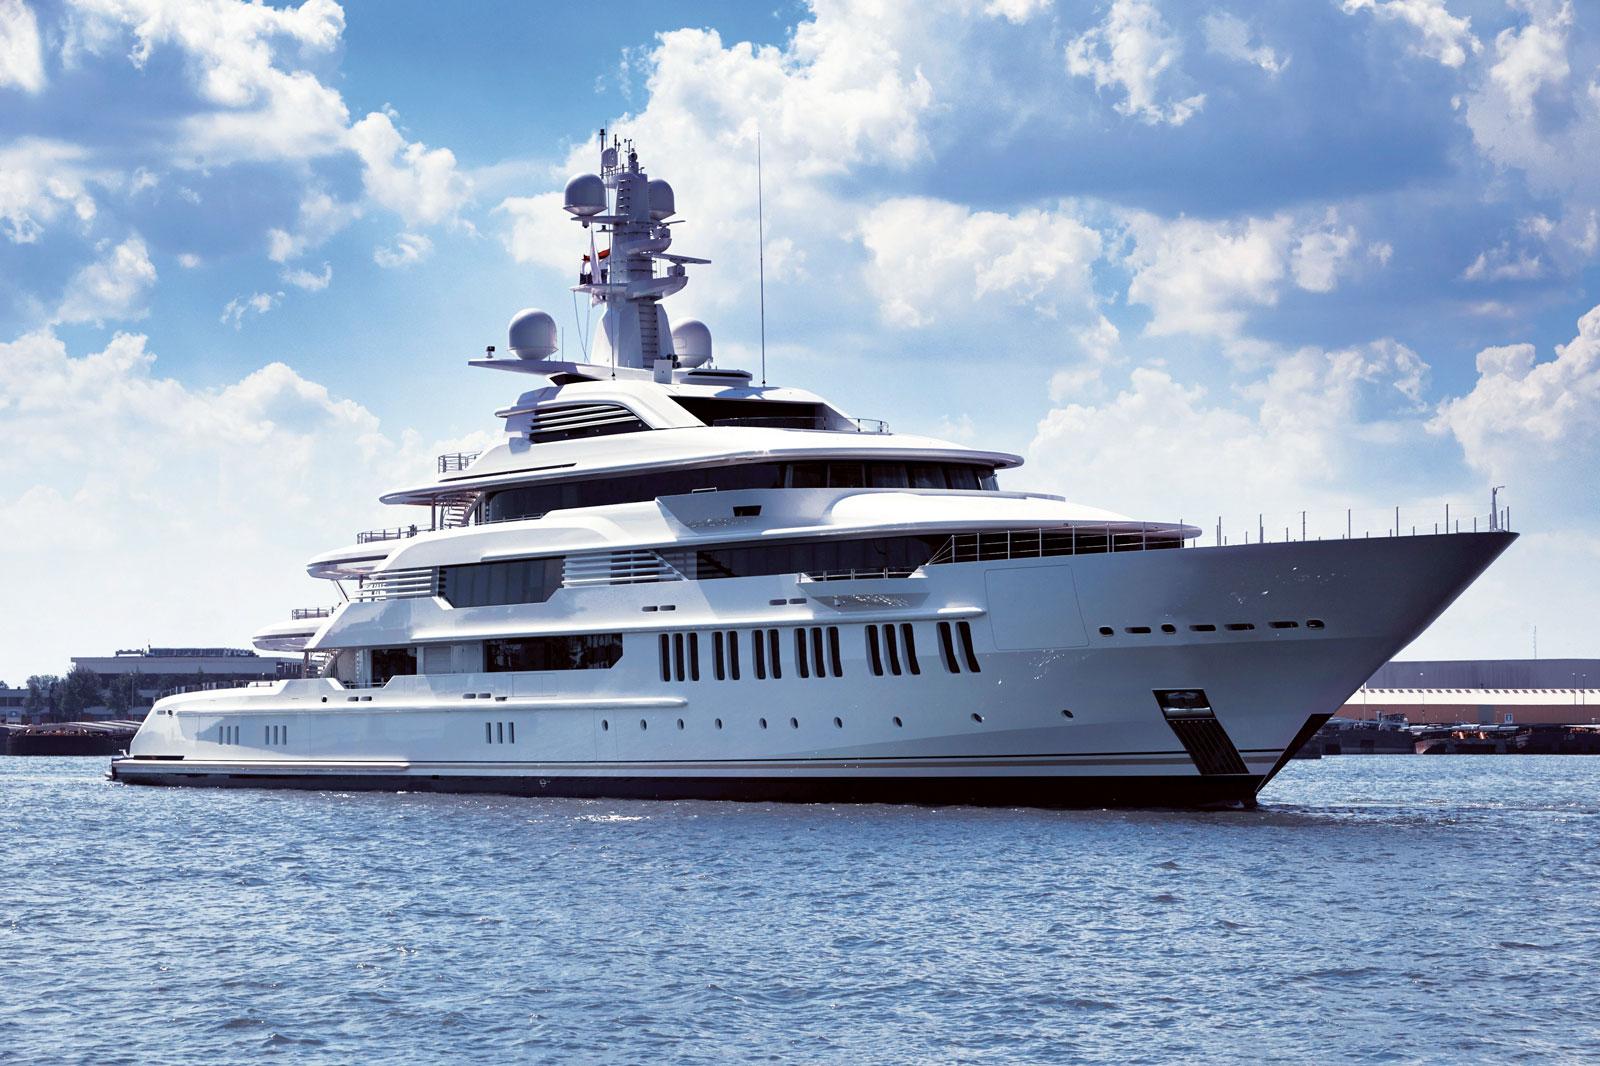 Megayacht INFINITY